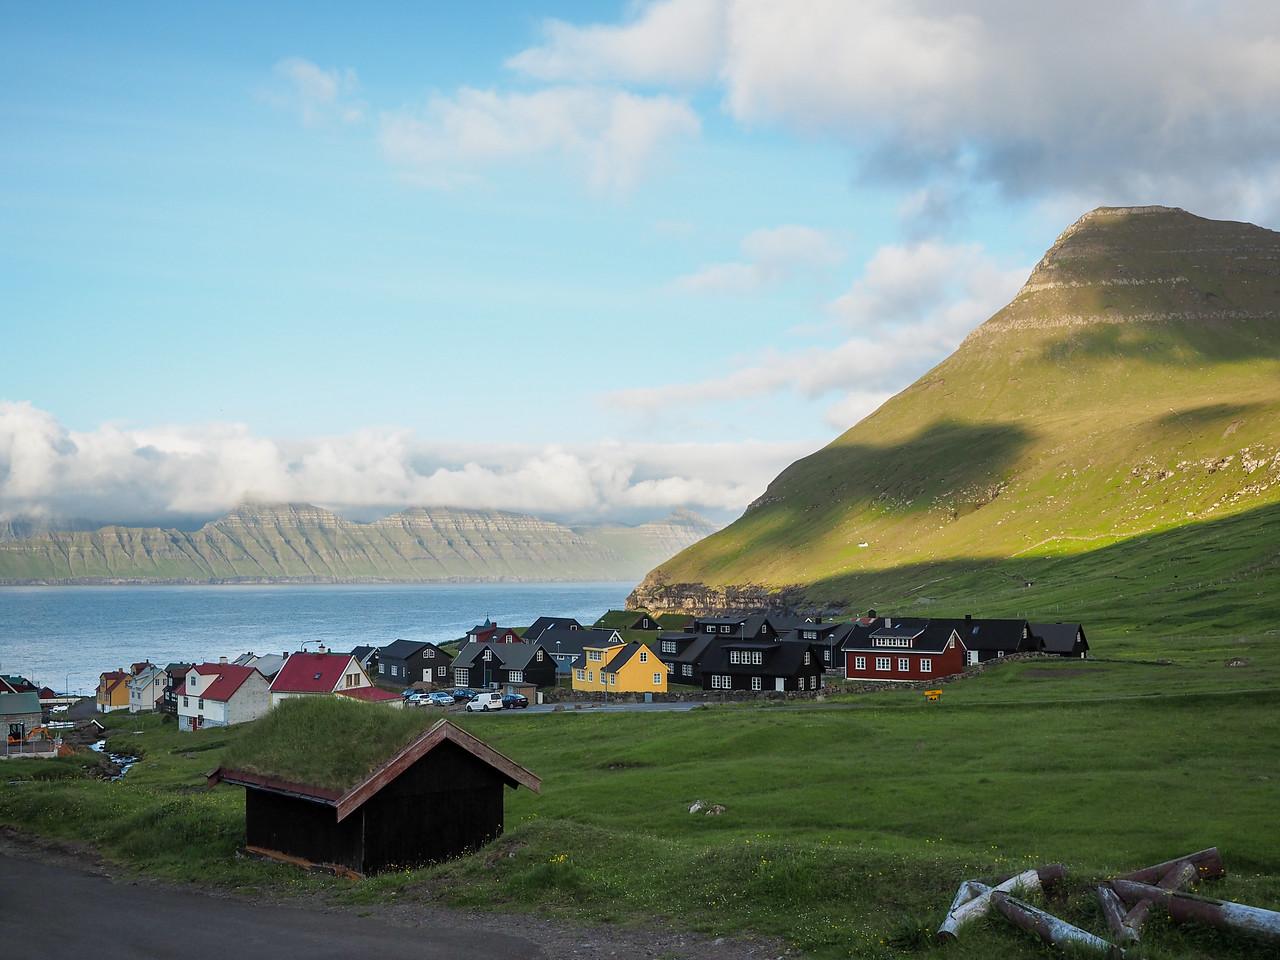 Village of Gjógv in the Faroe Islands